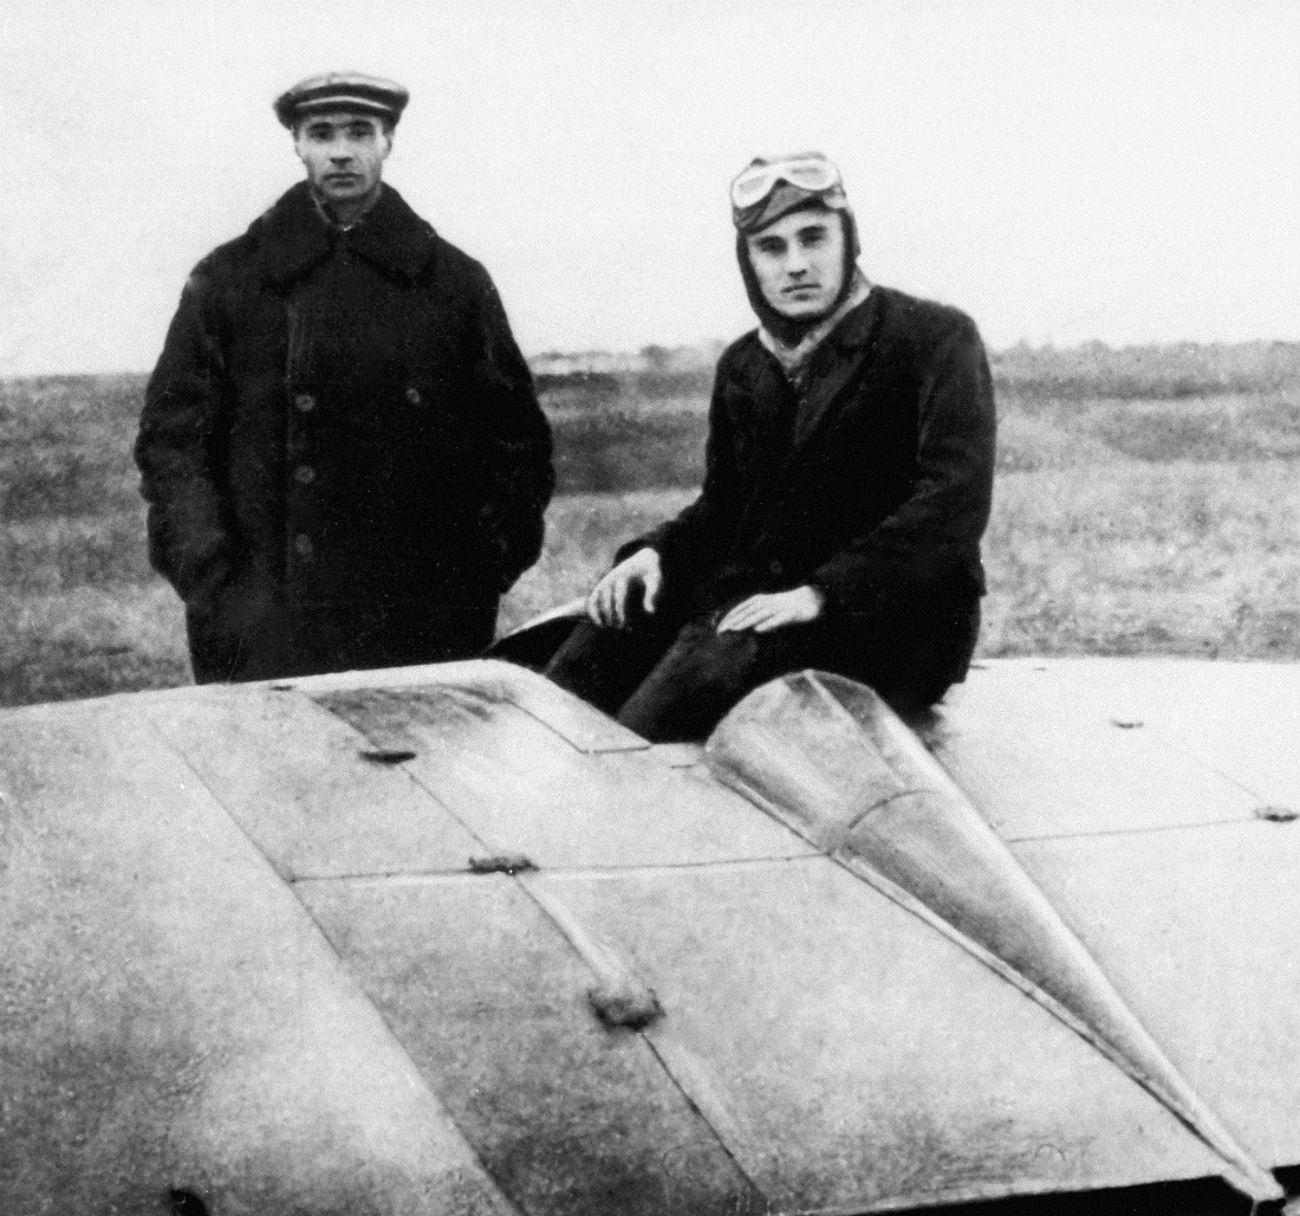 C'est ainsi que Sergueï Korolev s'engage sur la voie qui le conduira des années plus tard à devenir le constructeur en chef des premiers appareils spatiaux. En 1924, il entre à l'Institut polytechnique de Kiev, puis poursuit ses études à l'École technique d'État de Moscou Bauman, où il rédige sa thèse sous la direction du légendaire concepteur et constructeur aéronautique Andreï Tupolev.  Sur la photo : Sergueï Korolev et le constructeur Boris Tcheranovsky, 1929.